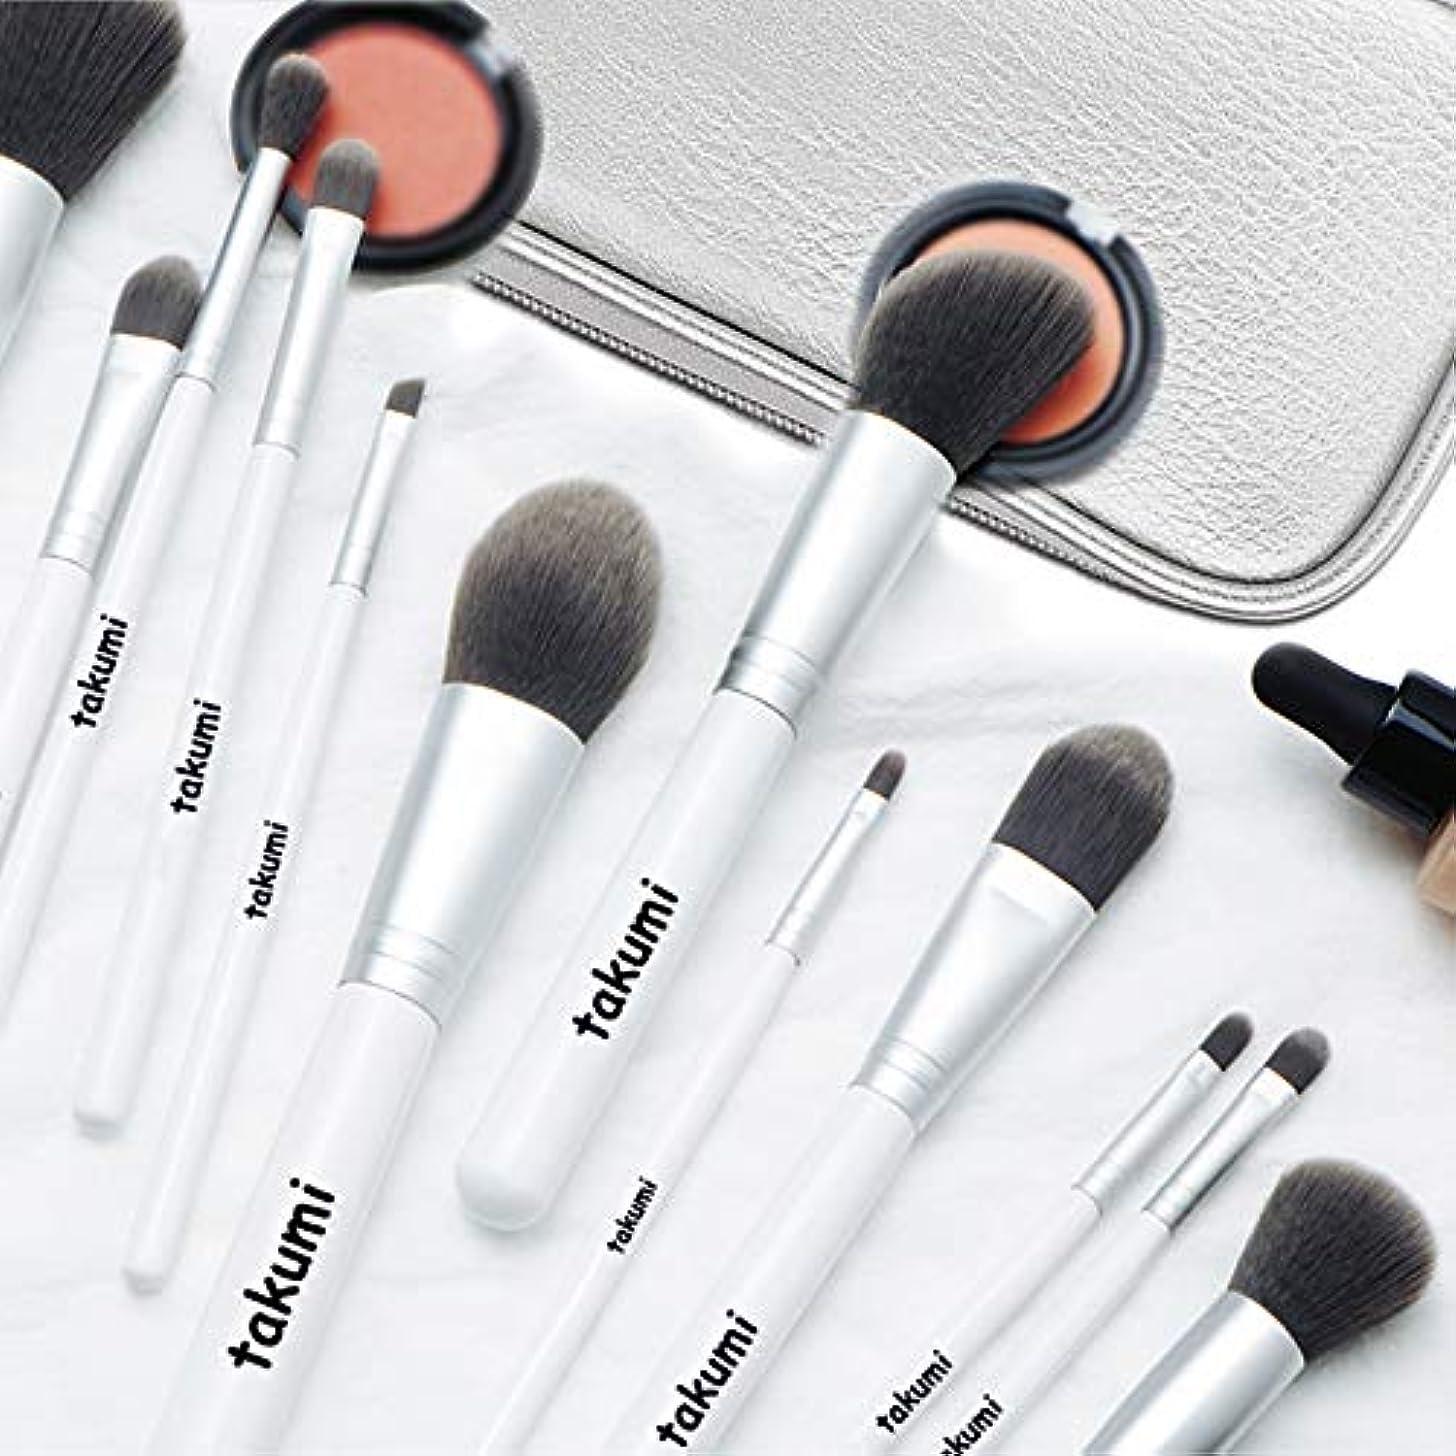 春ポスト印象派リフレッシュメイクブラシ12本セット 超柔らかい 化粧筆 ブラシ 専用化粧ポーチ付き 携帯便利